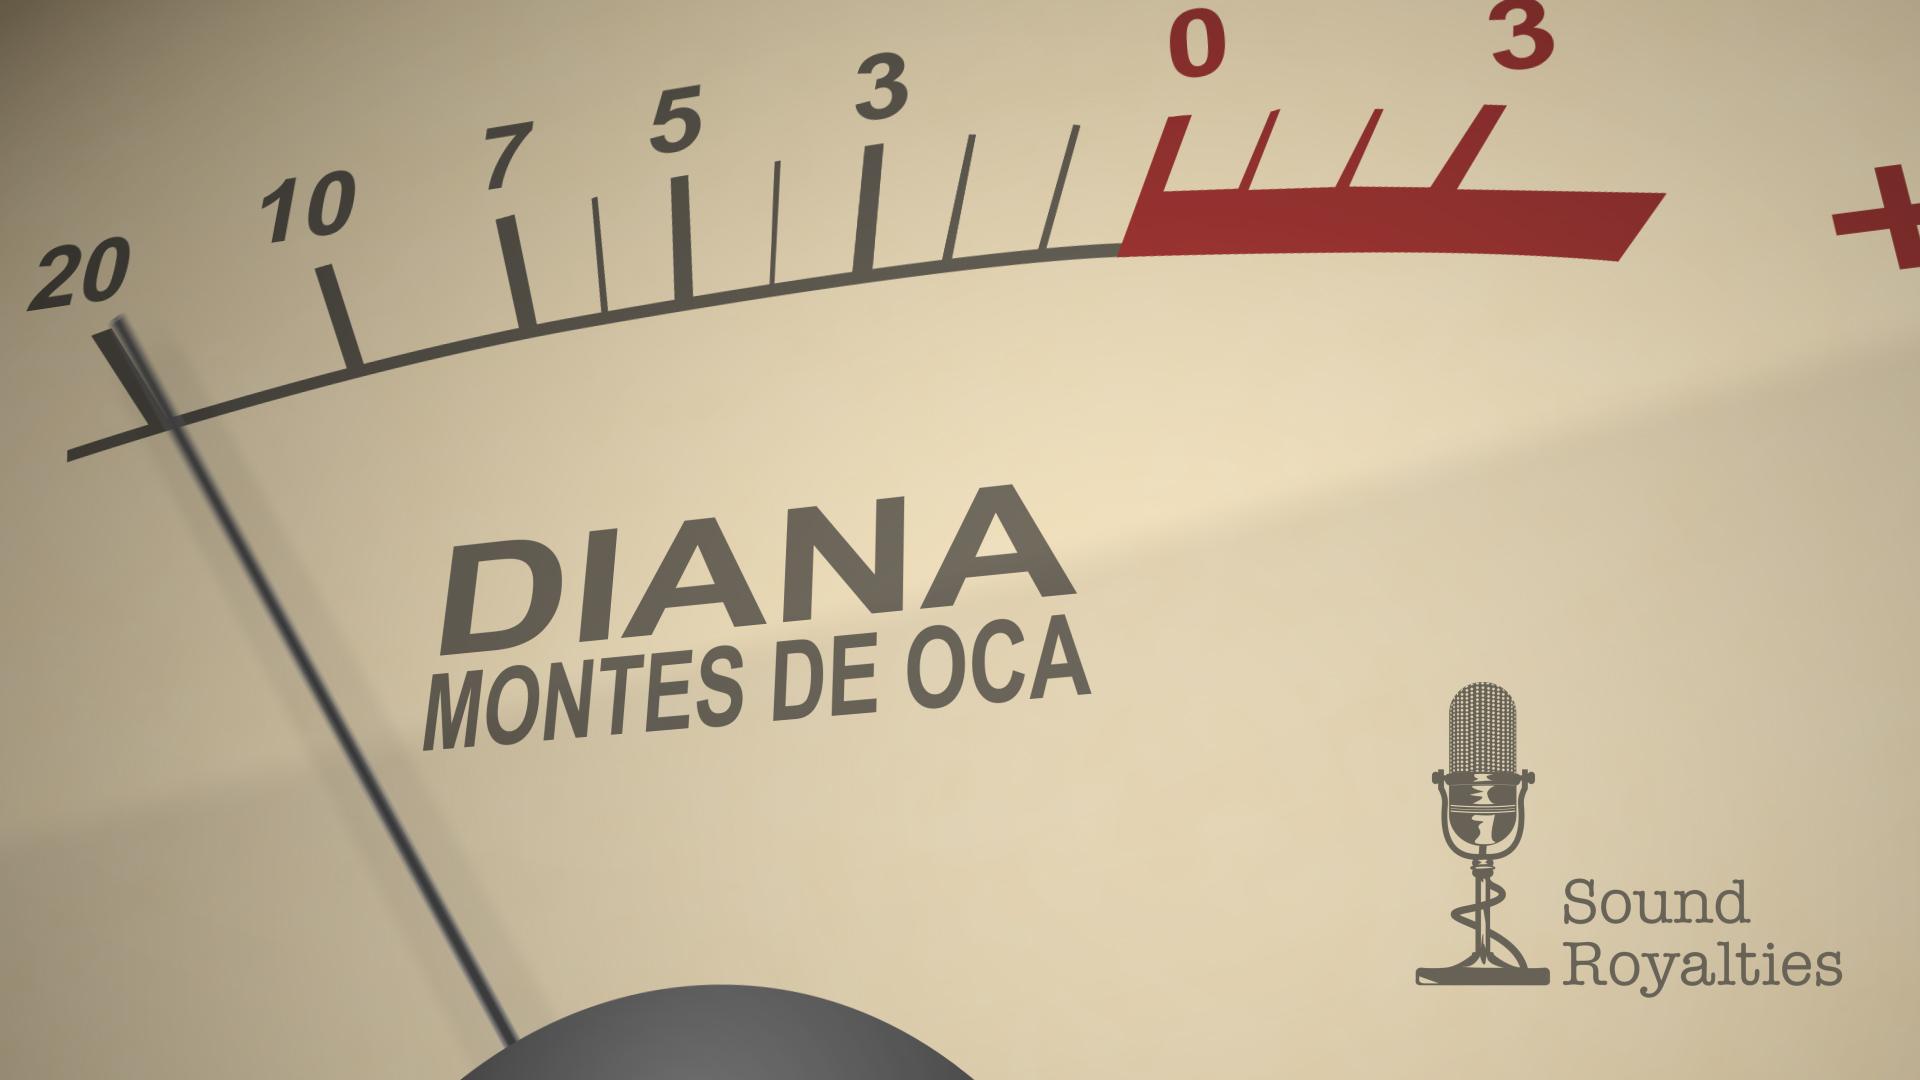 Diana Montes de Oca <br/>Royalty Specialist